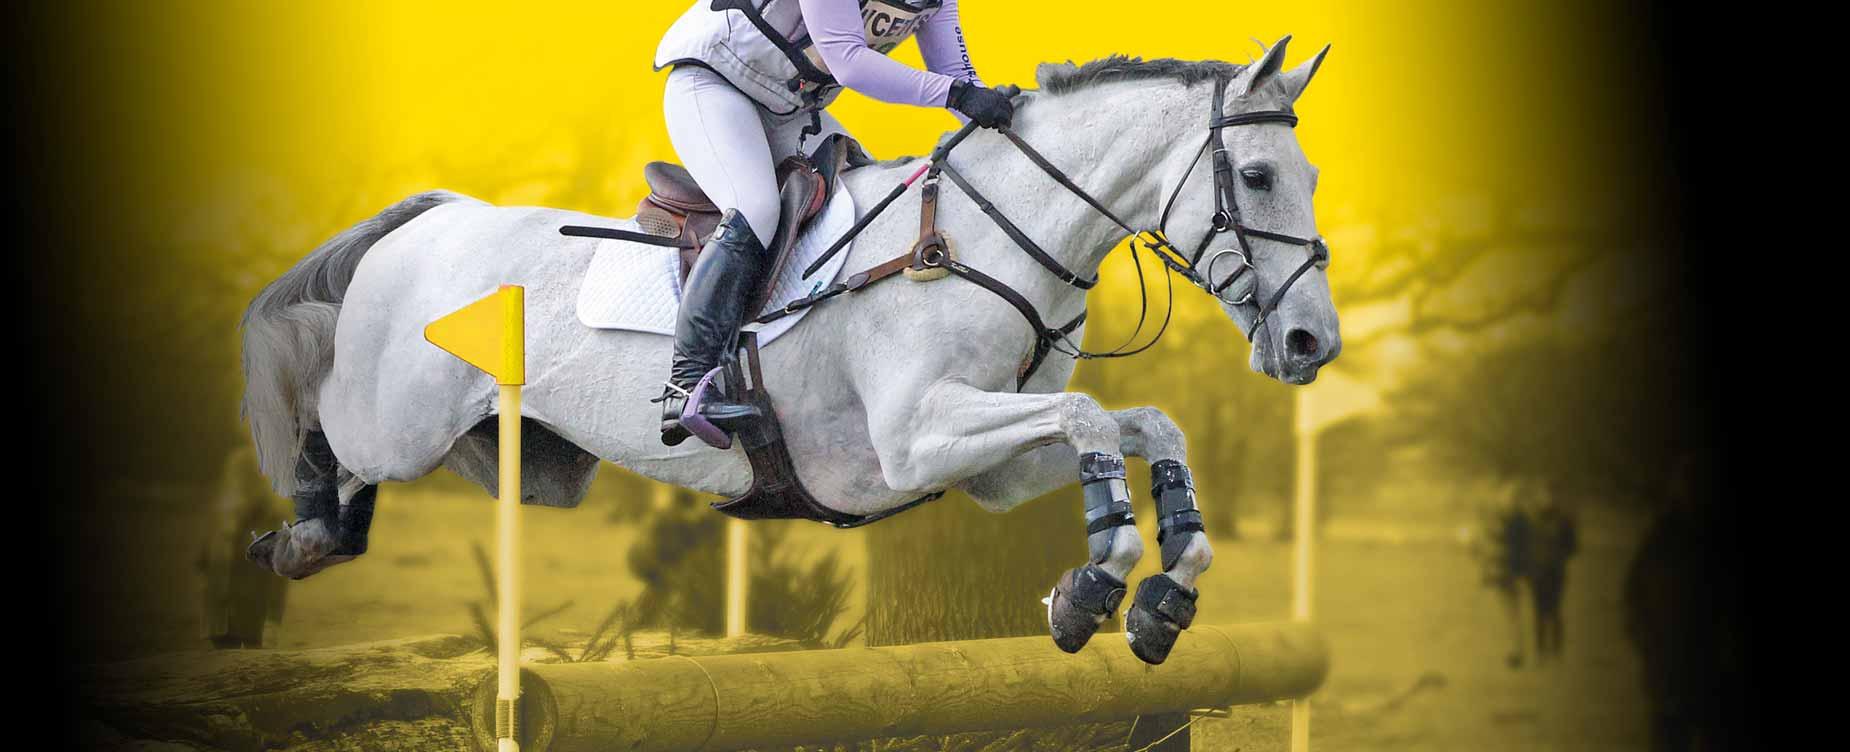 Ons doel is je paard er goed te laten uitzien en zich goed te laten voelen.